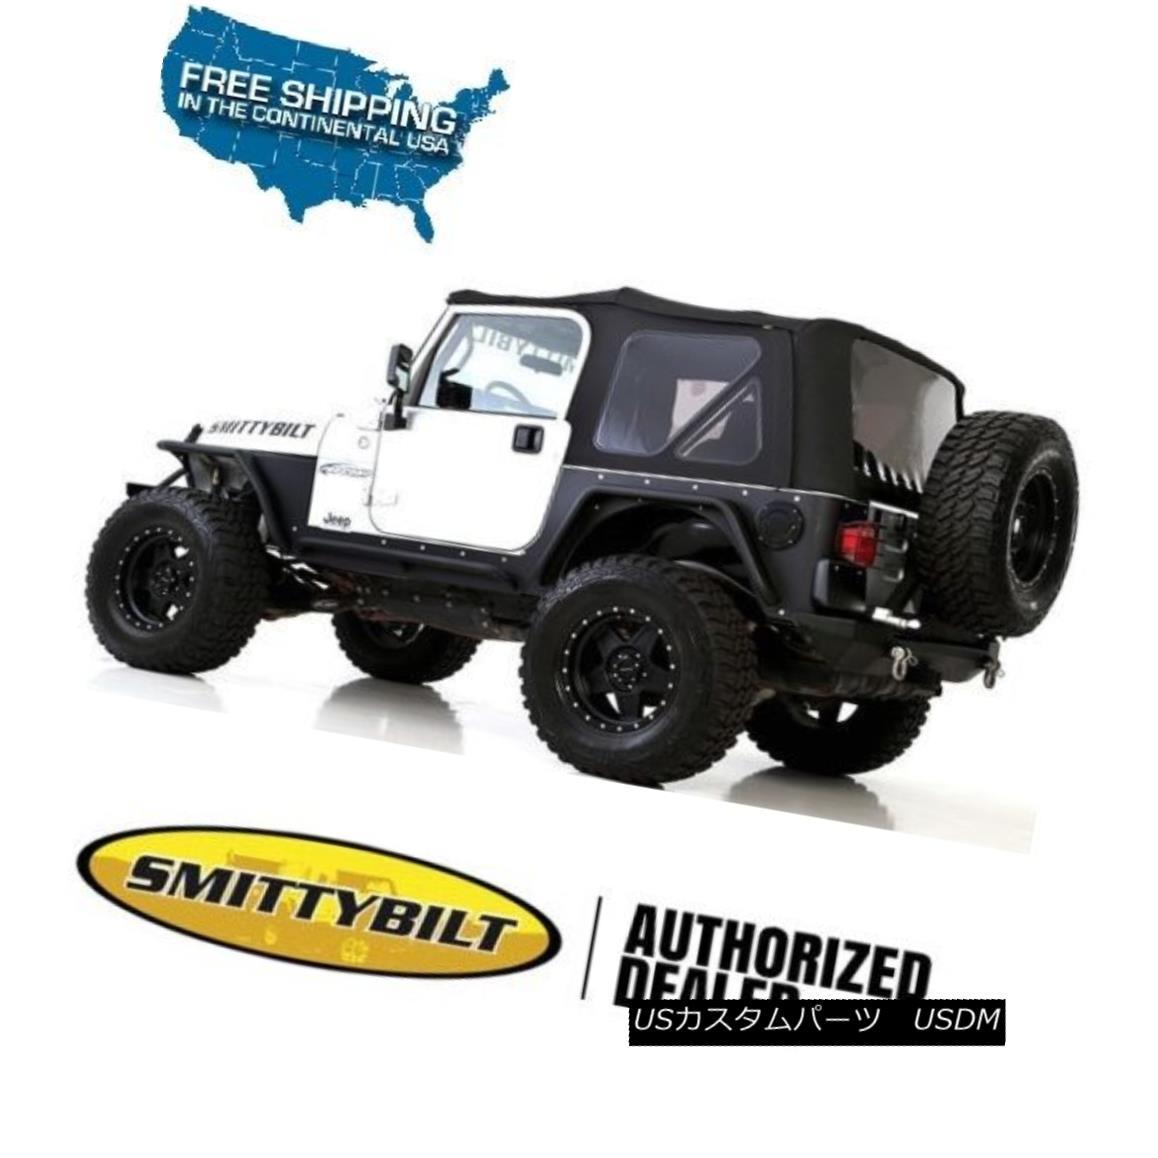 幌・ソフトトップ Smittybilt Premium Replacement Soft Top 97-06 Jeep Wrangler TJ 9974235 Black Smittybiltプレミアム交換ソフトトップ97-06ジープラングラーTJ 9974235ブラック